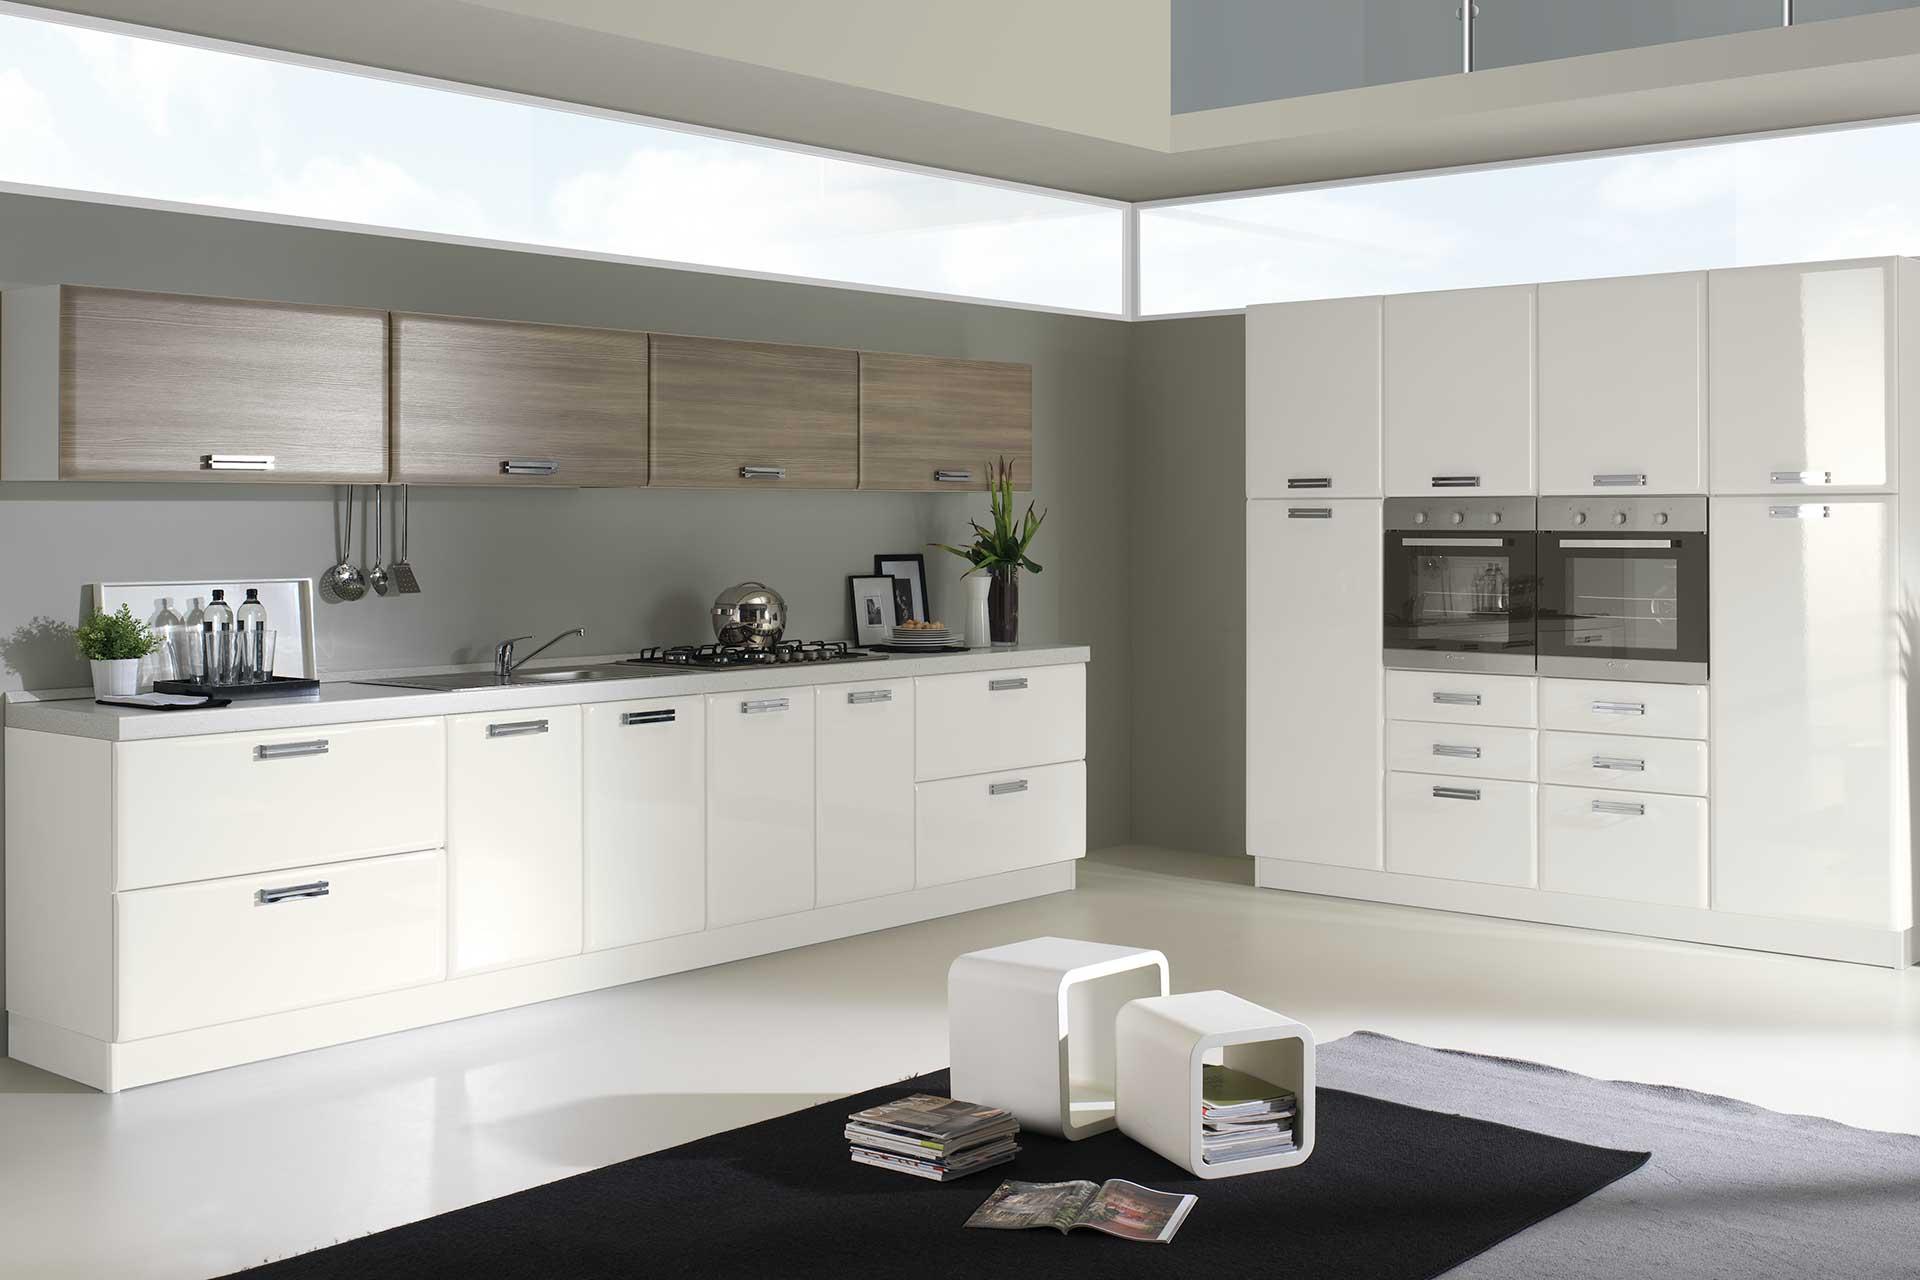 Cucine Moderne Bianco Grigio : Produzione cucine con uno stile semplice ed essenziale netcucine